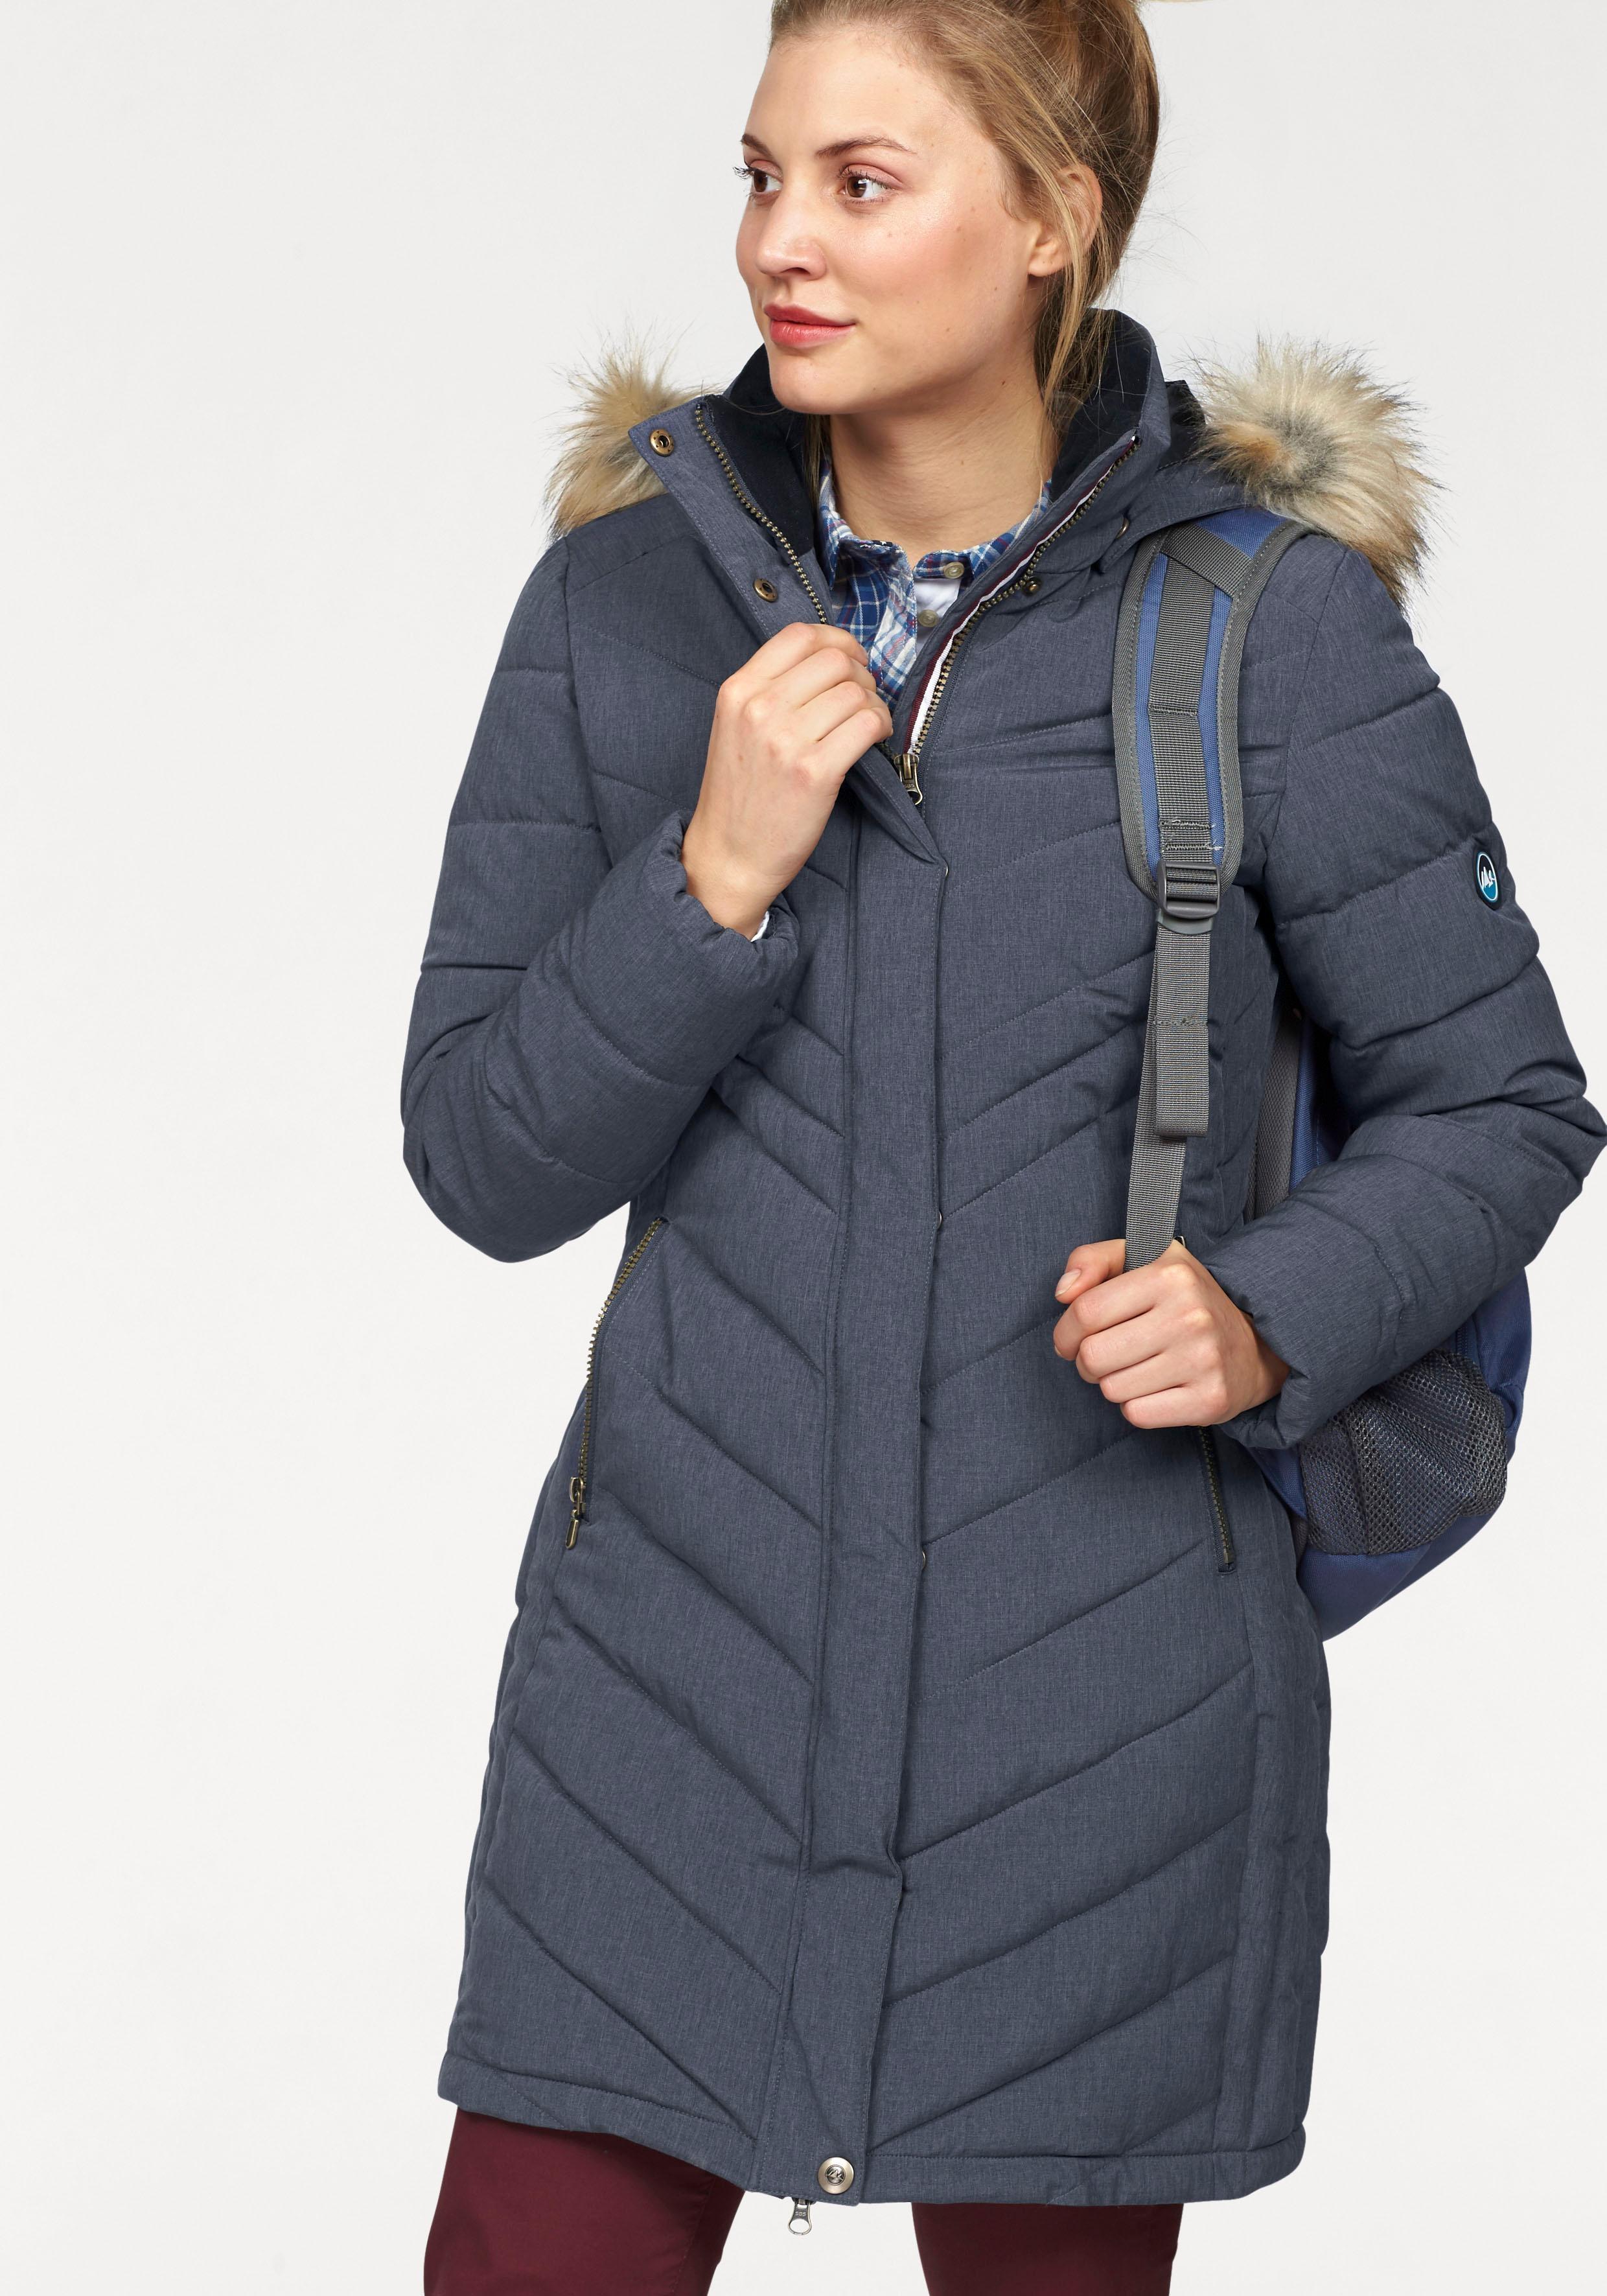 Polarino doorgestikte jas van gemêleerd, functioneel materiaal online kopen op otto.nl